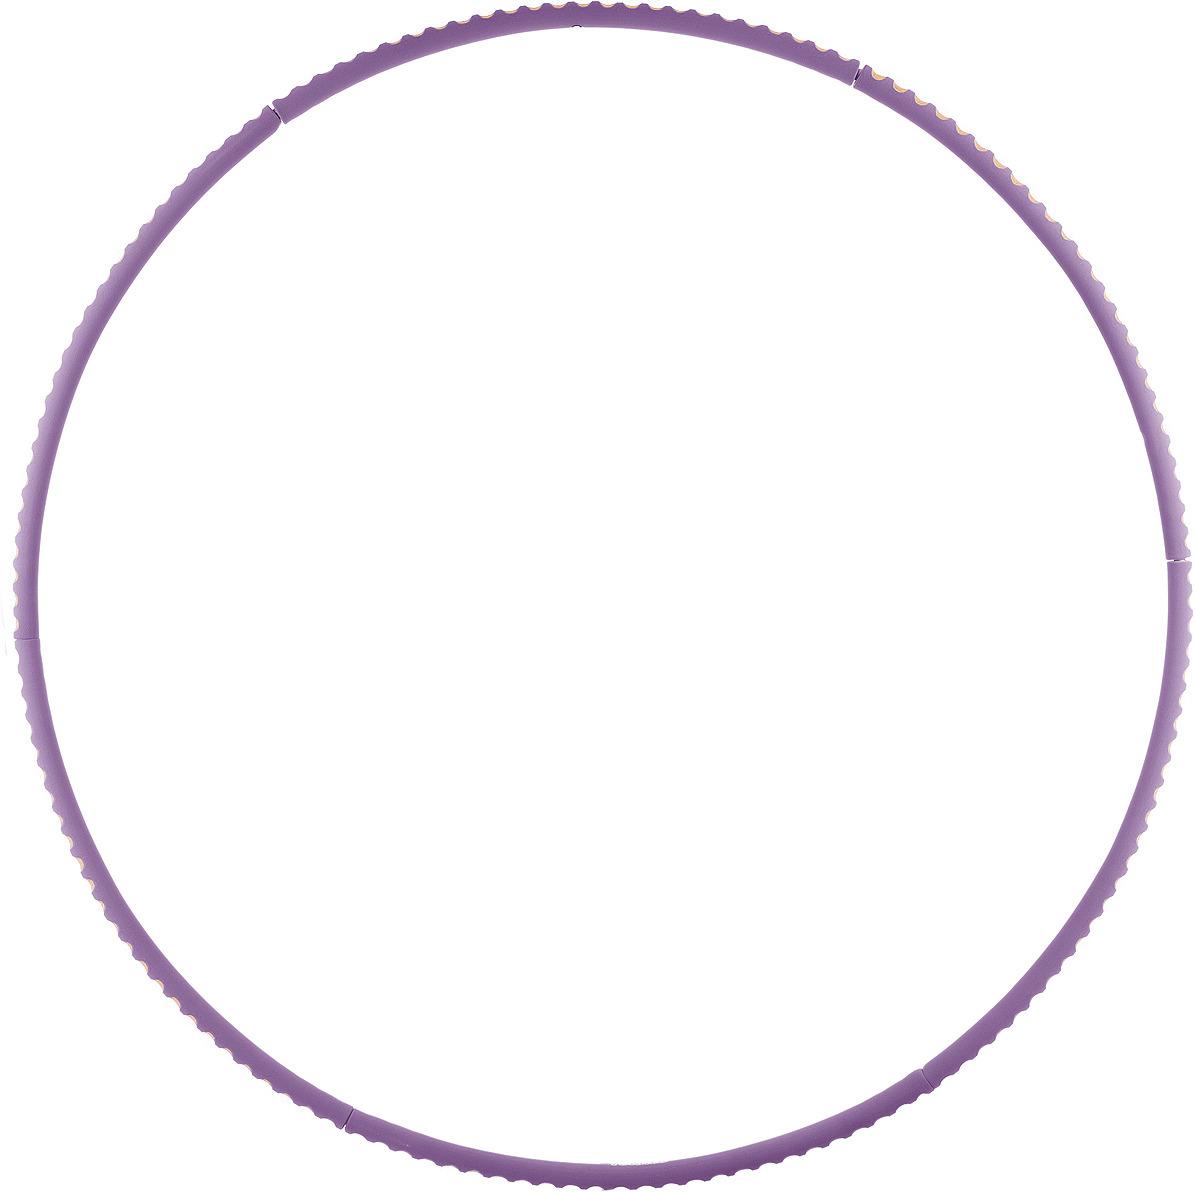 Обруч для фитнеса Torneo, цвет: розовый torneo фрисби torneo flying sun